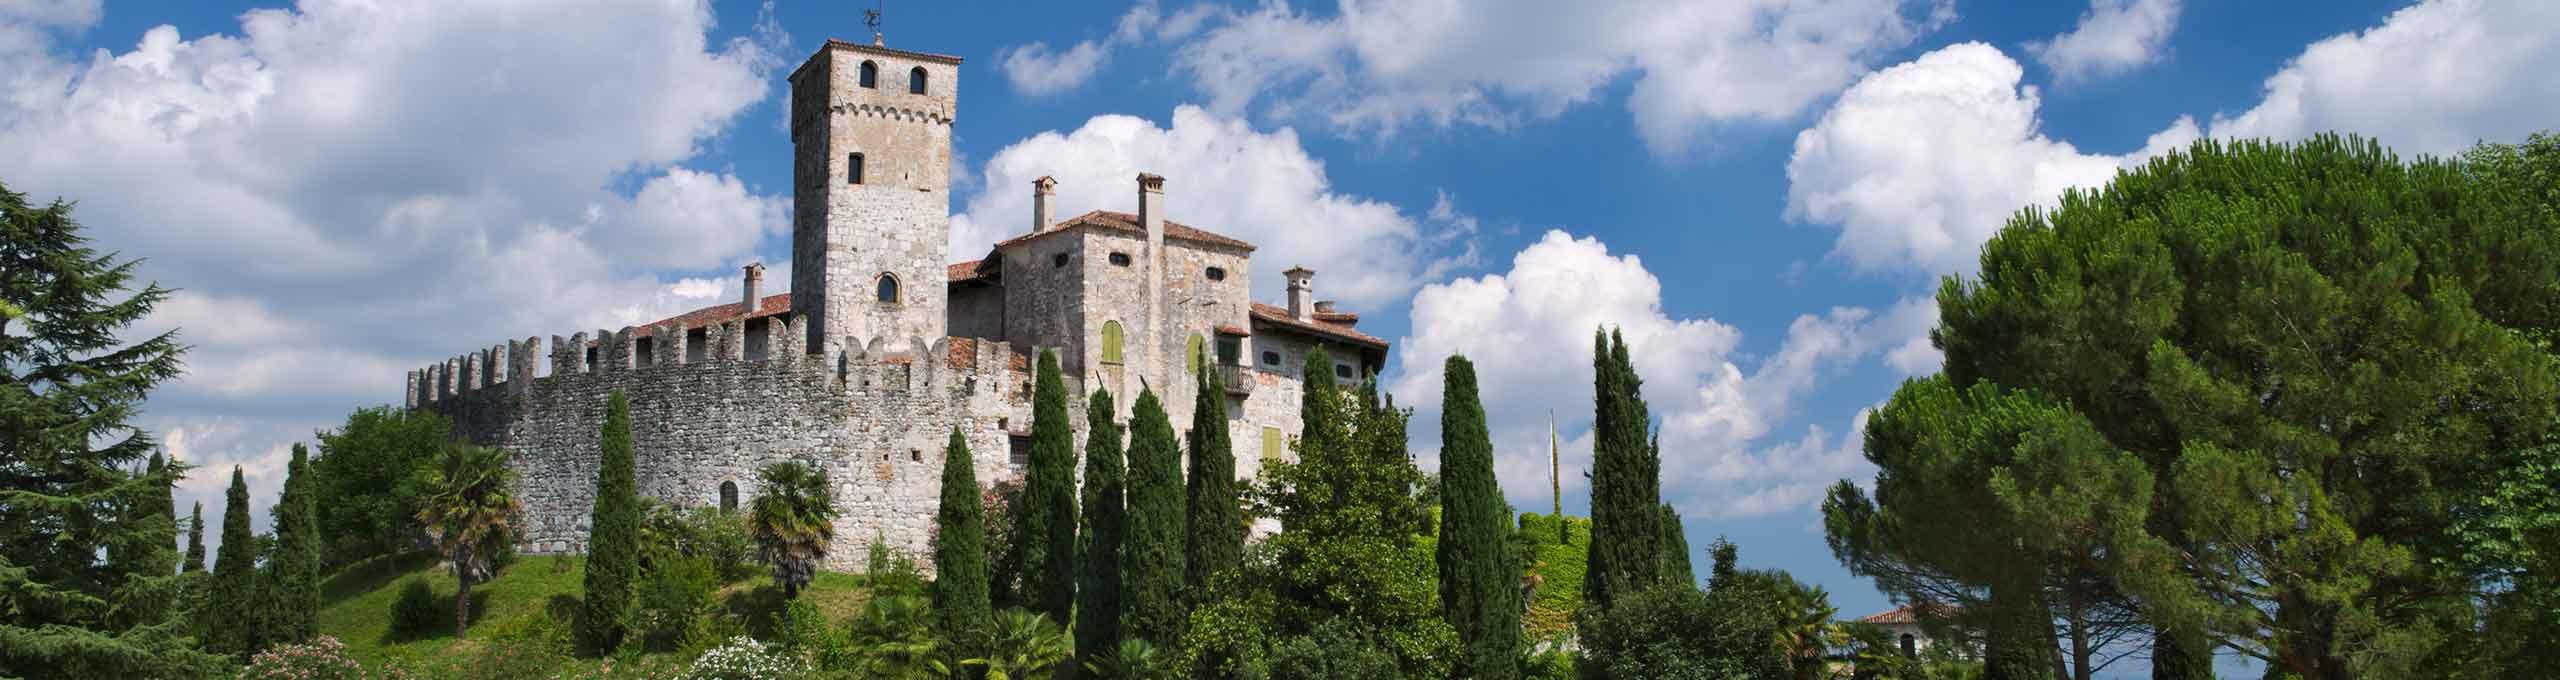 Fagagna, San Daniele e Friuli Collinare, Castello di Villalta